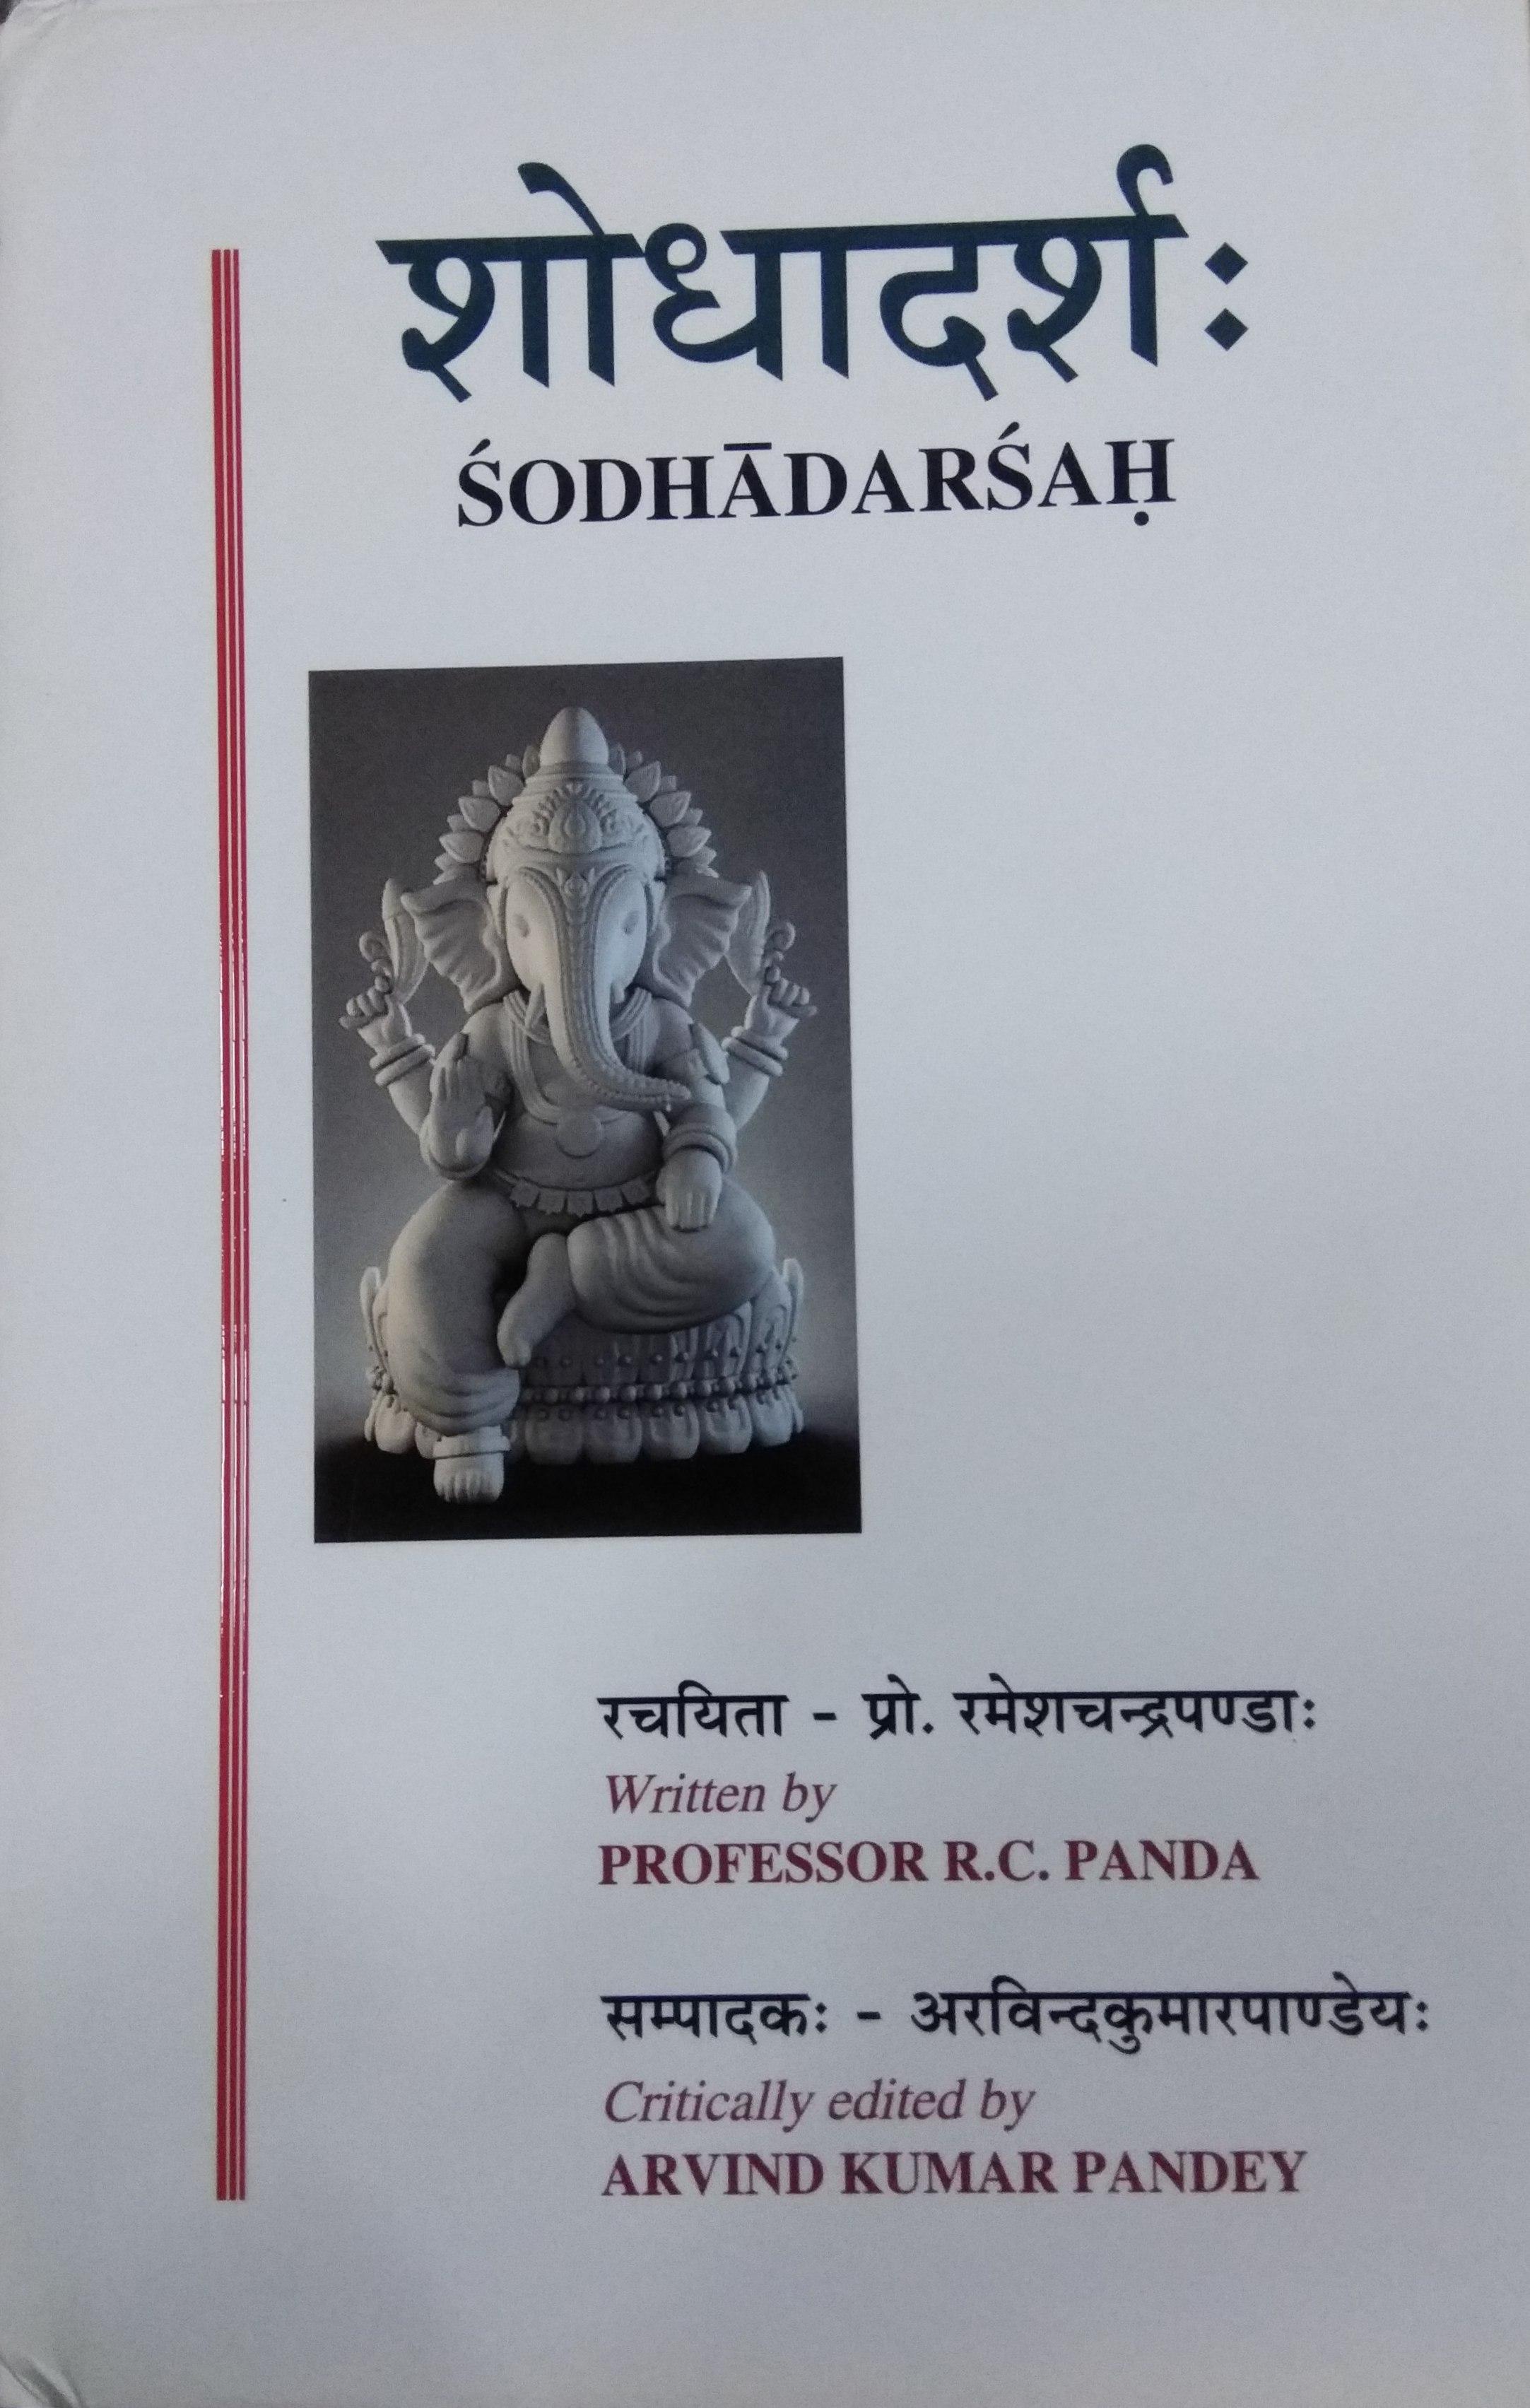 Sodhadarsah (Sanskrit)